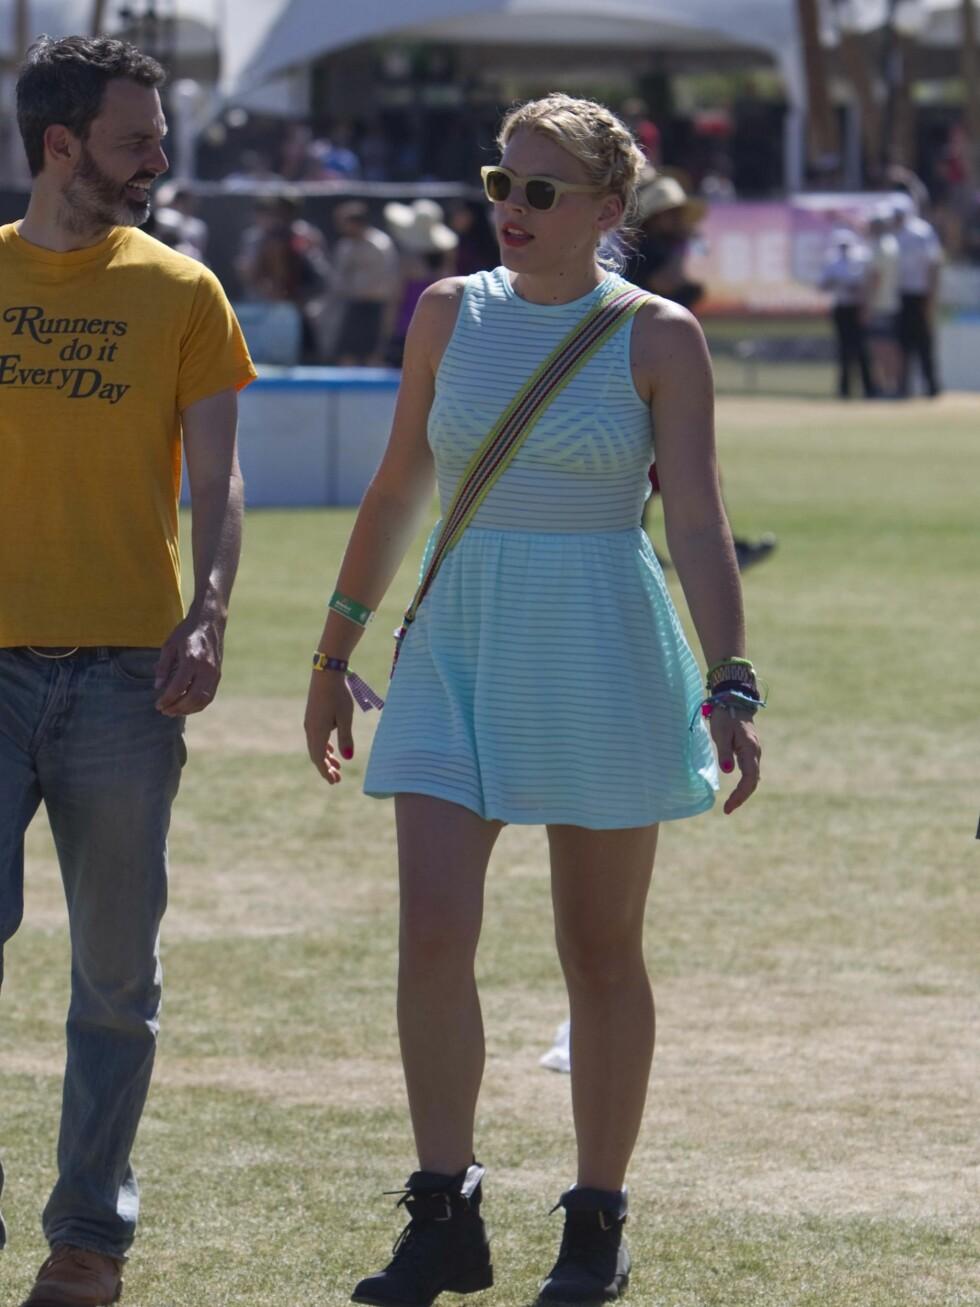 Cougar Town-skuespiller Busy Phillips i turkisstripet sommerkjole, solbriller og boots.  Foto: All Over Press